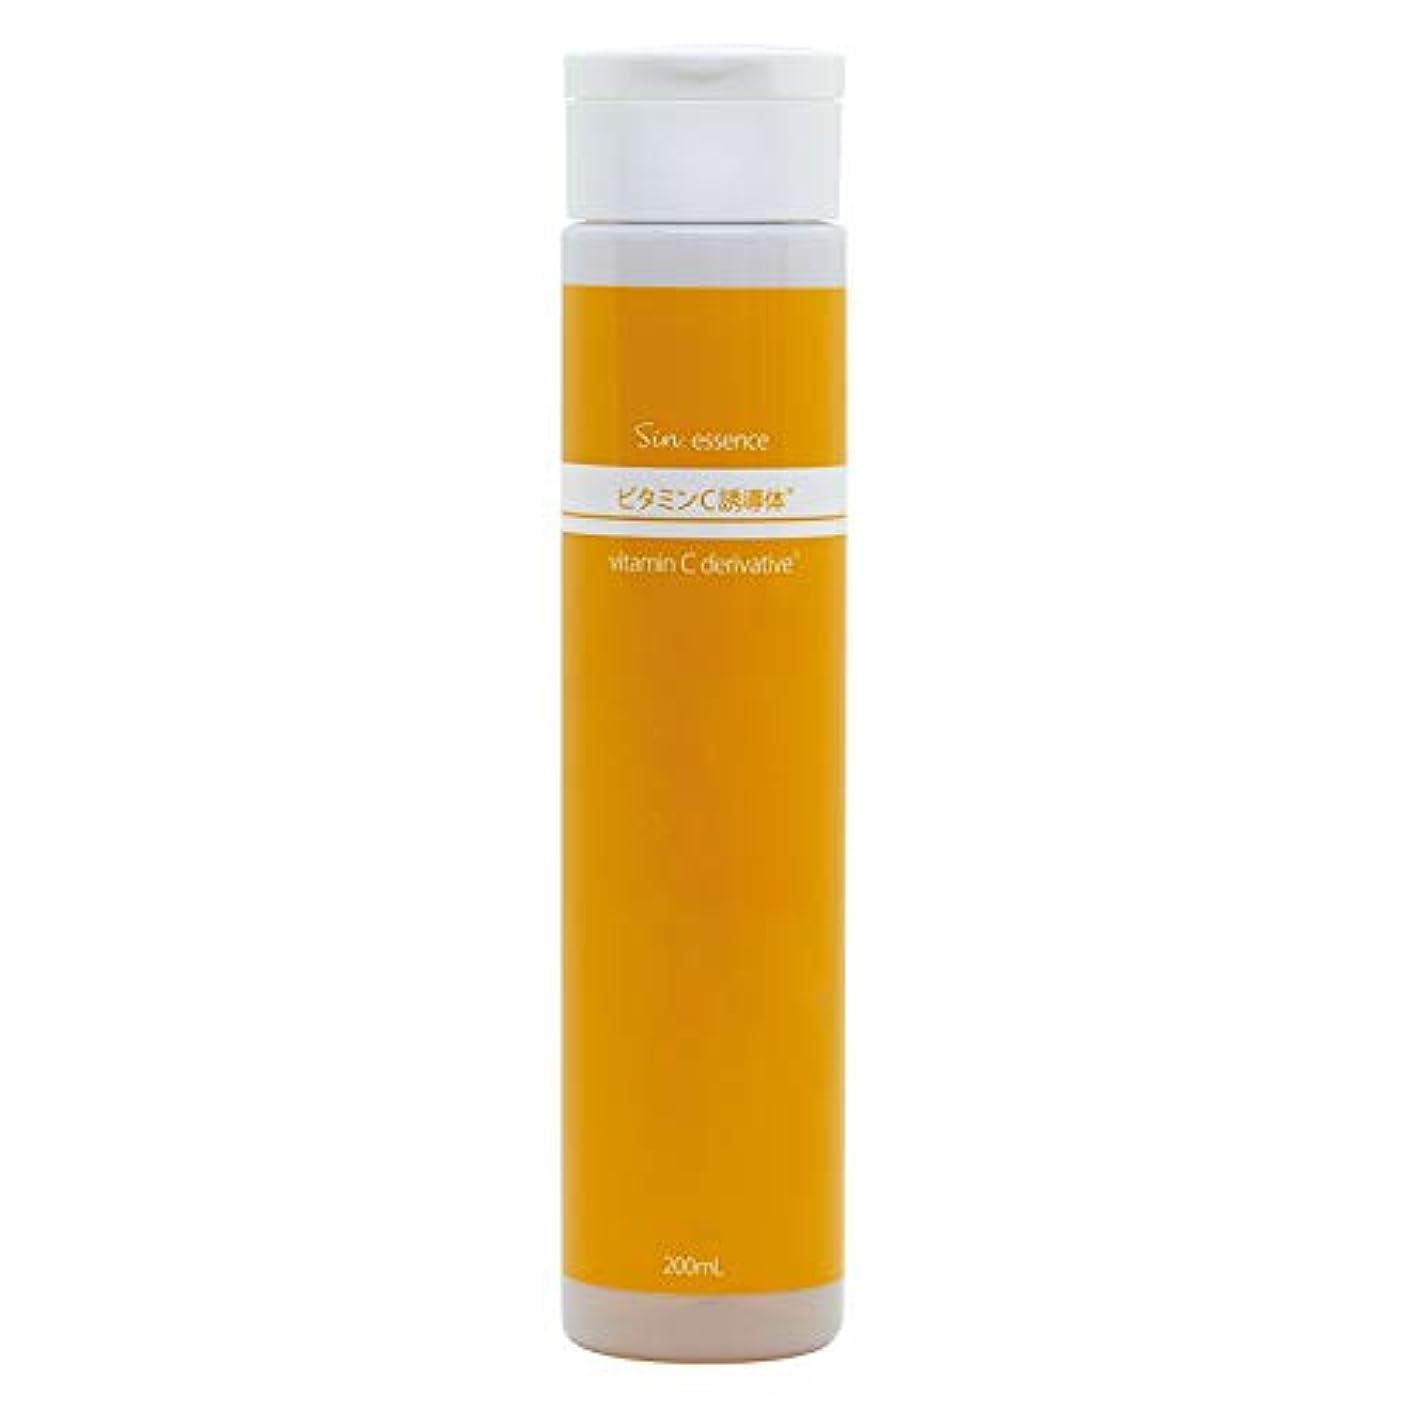 鮮やかな集団的節約ビタミンC誘導体配合美容液 200mL